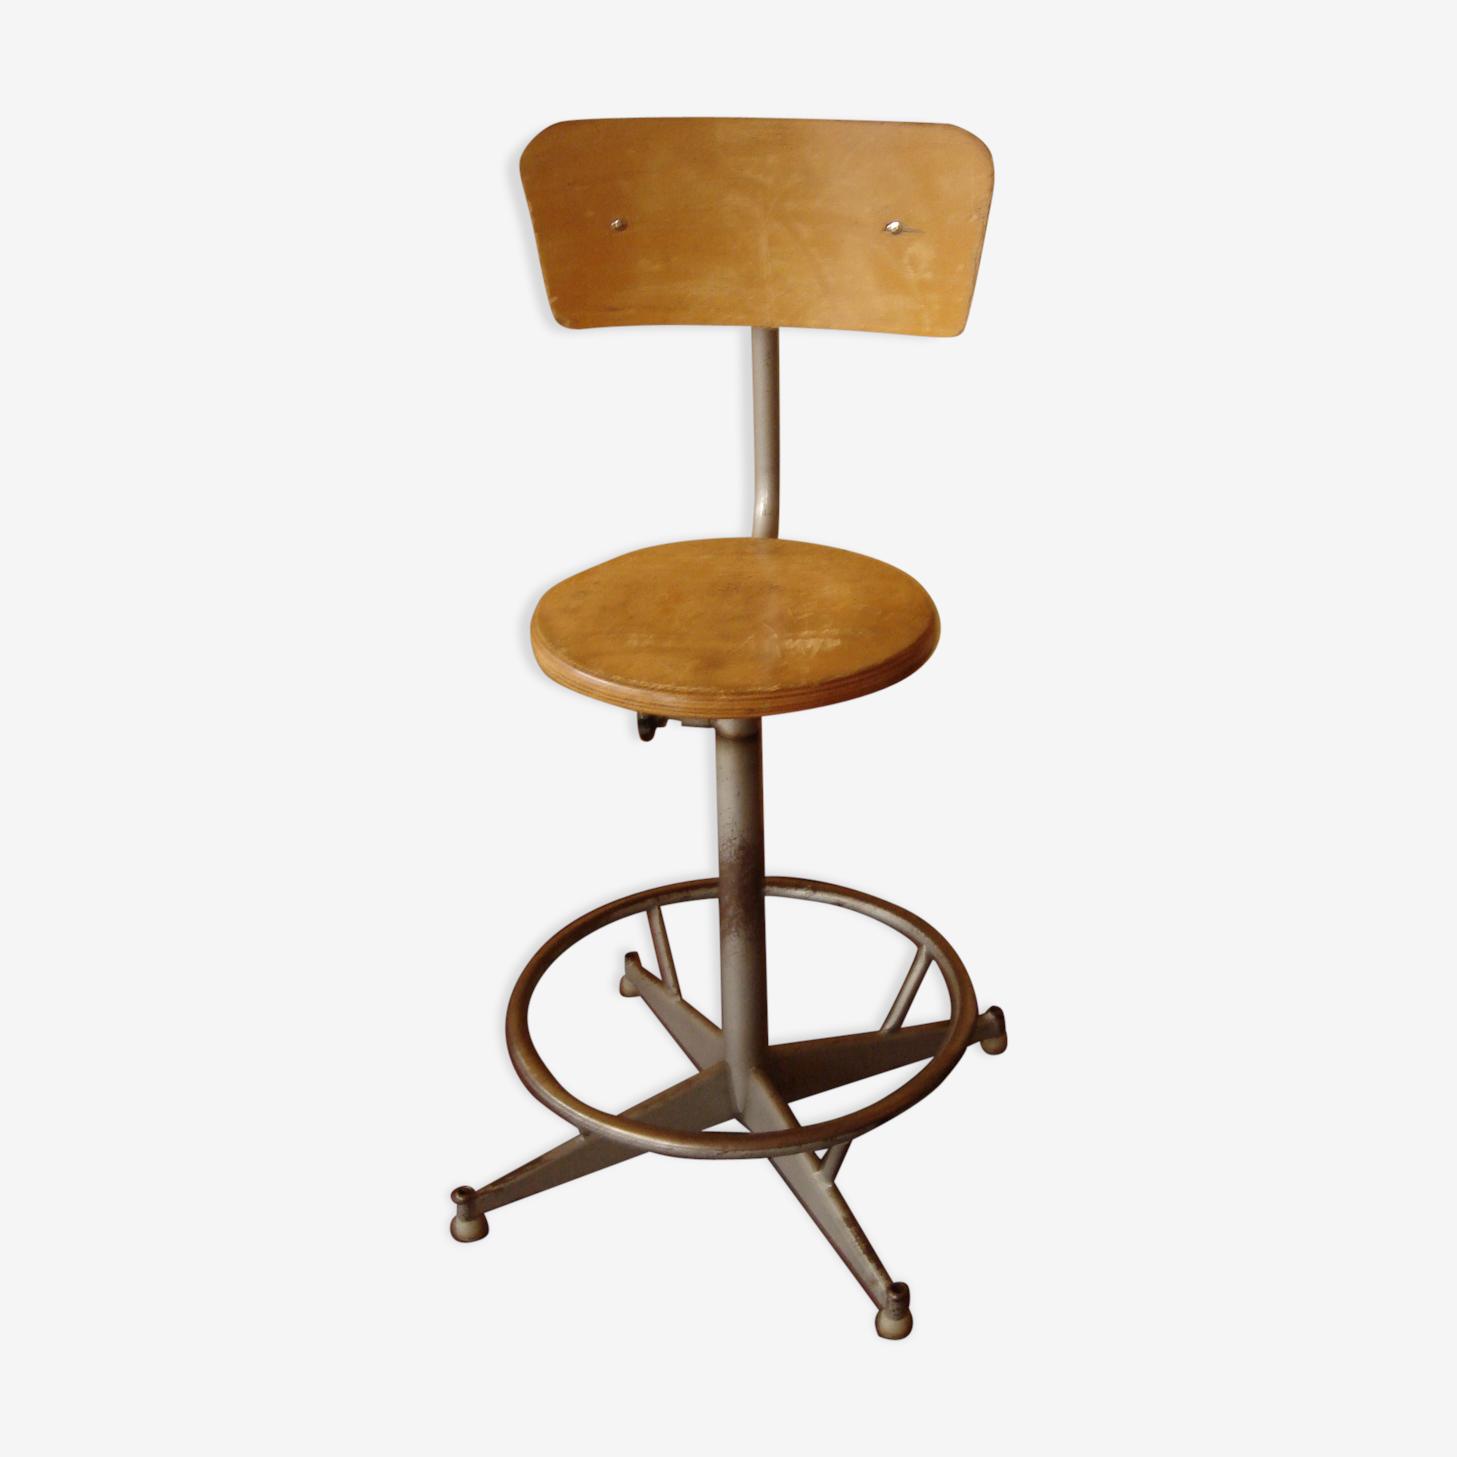 Chaise haute d'atelier de 1970